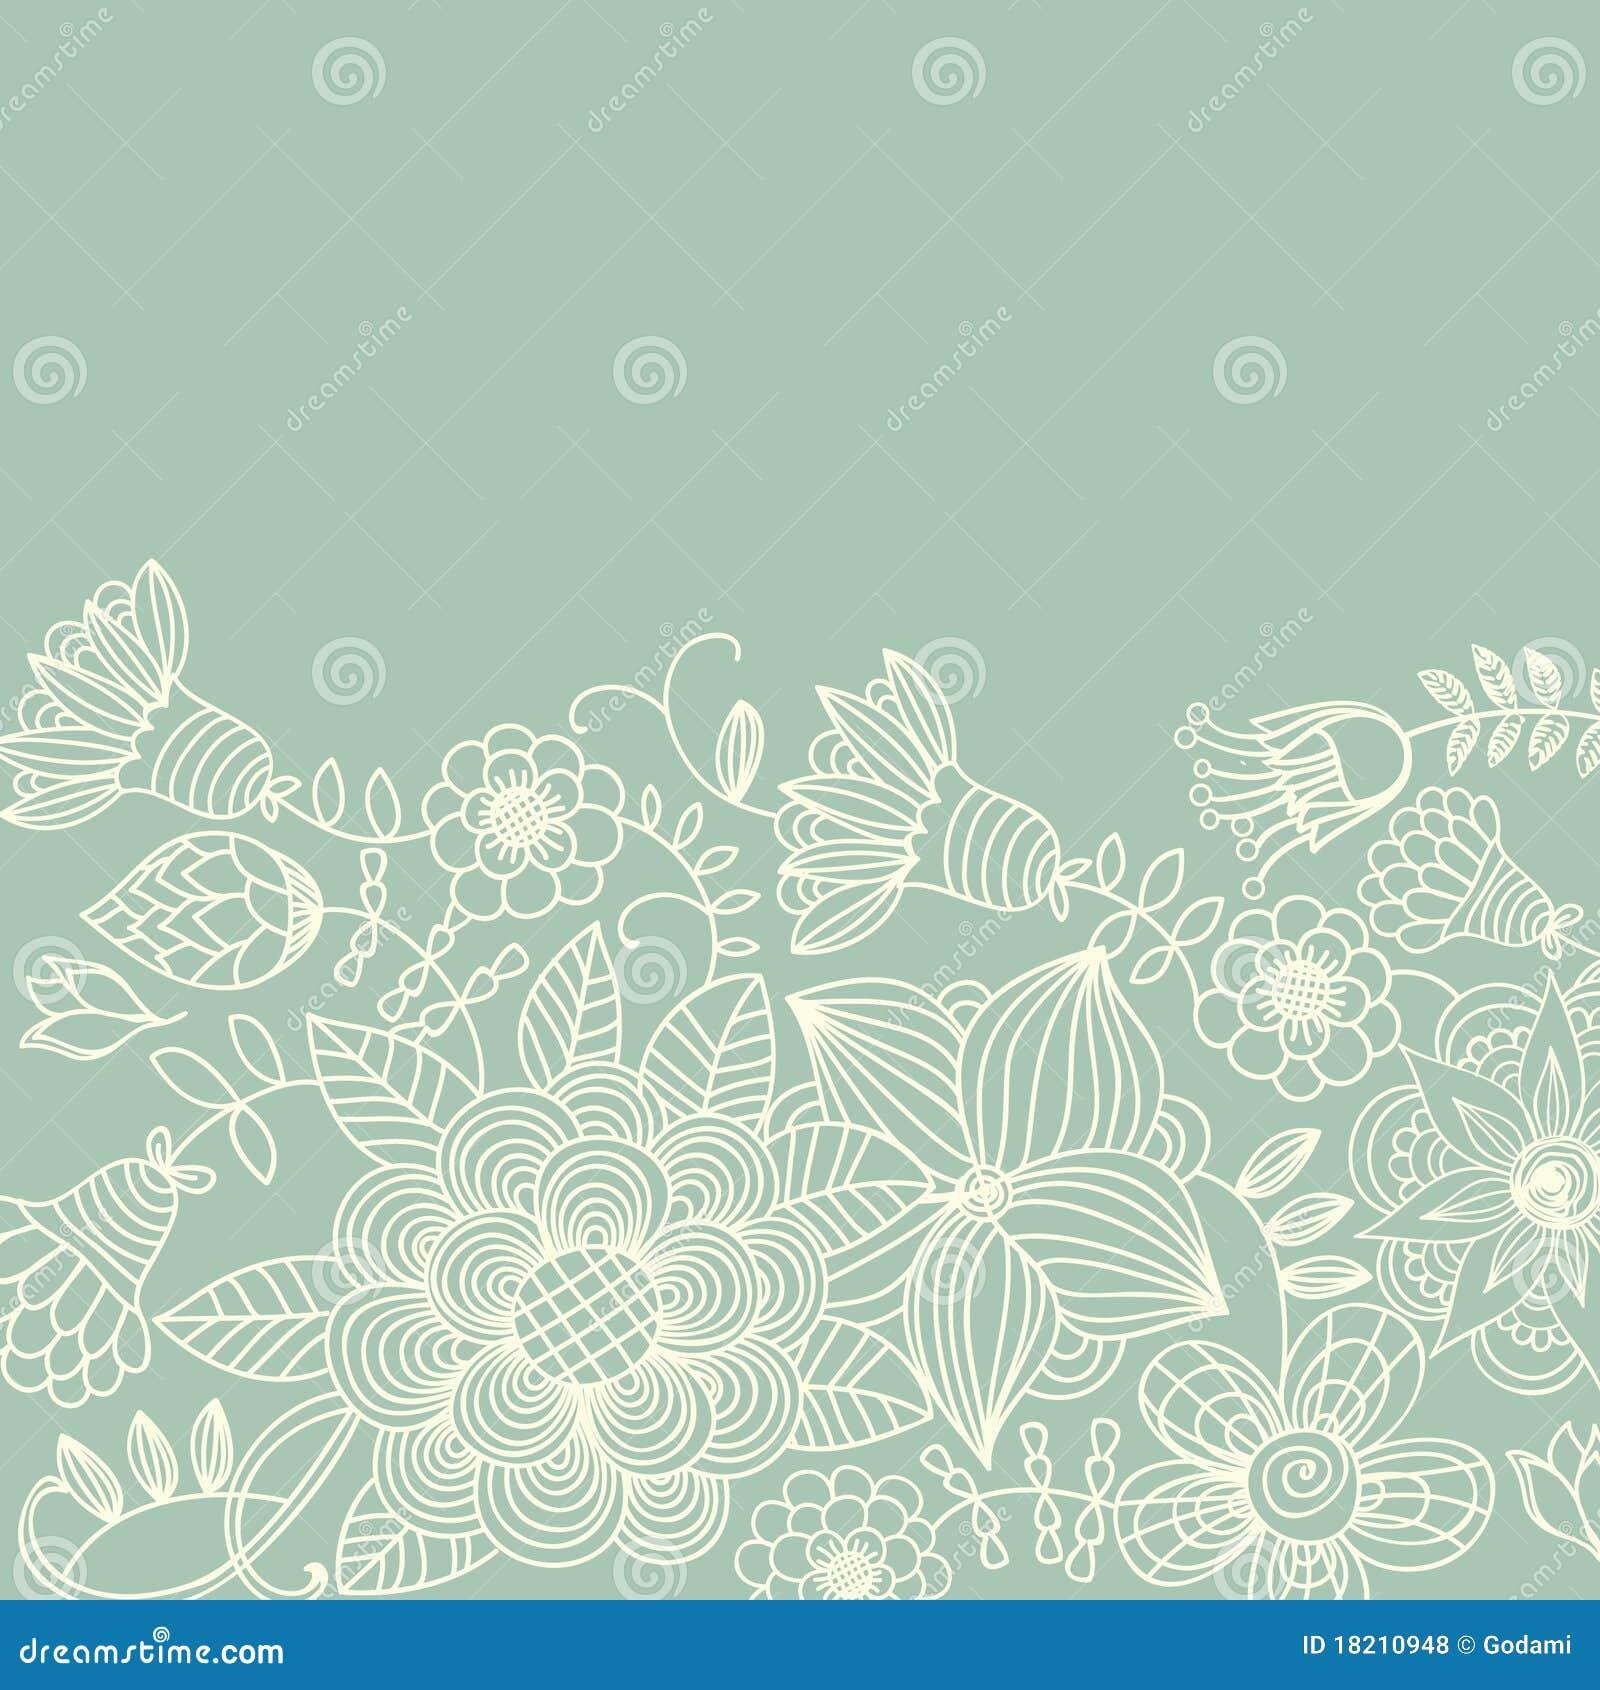 Floral vintage background - Background Floral Vintage